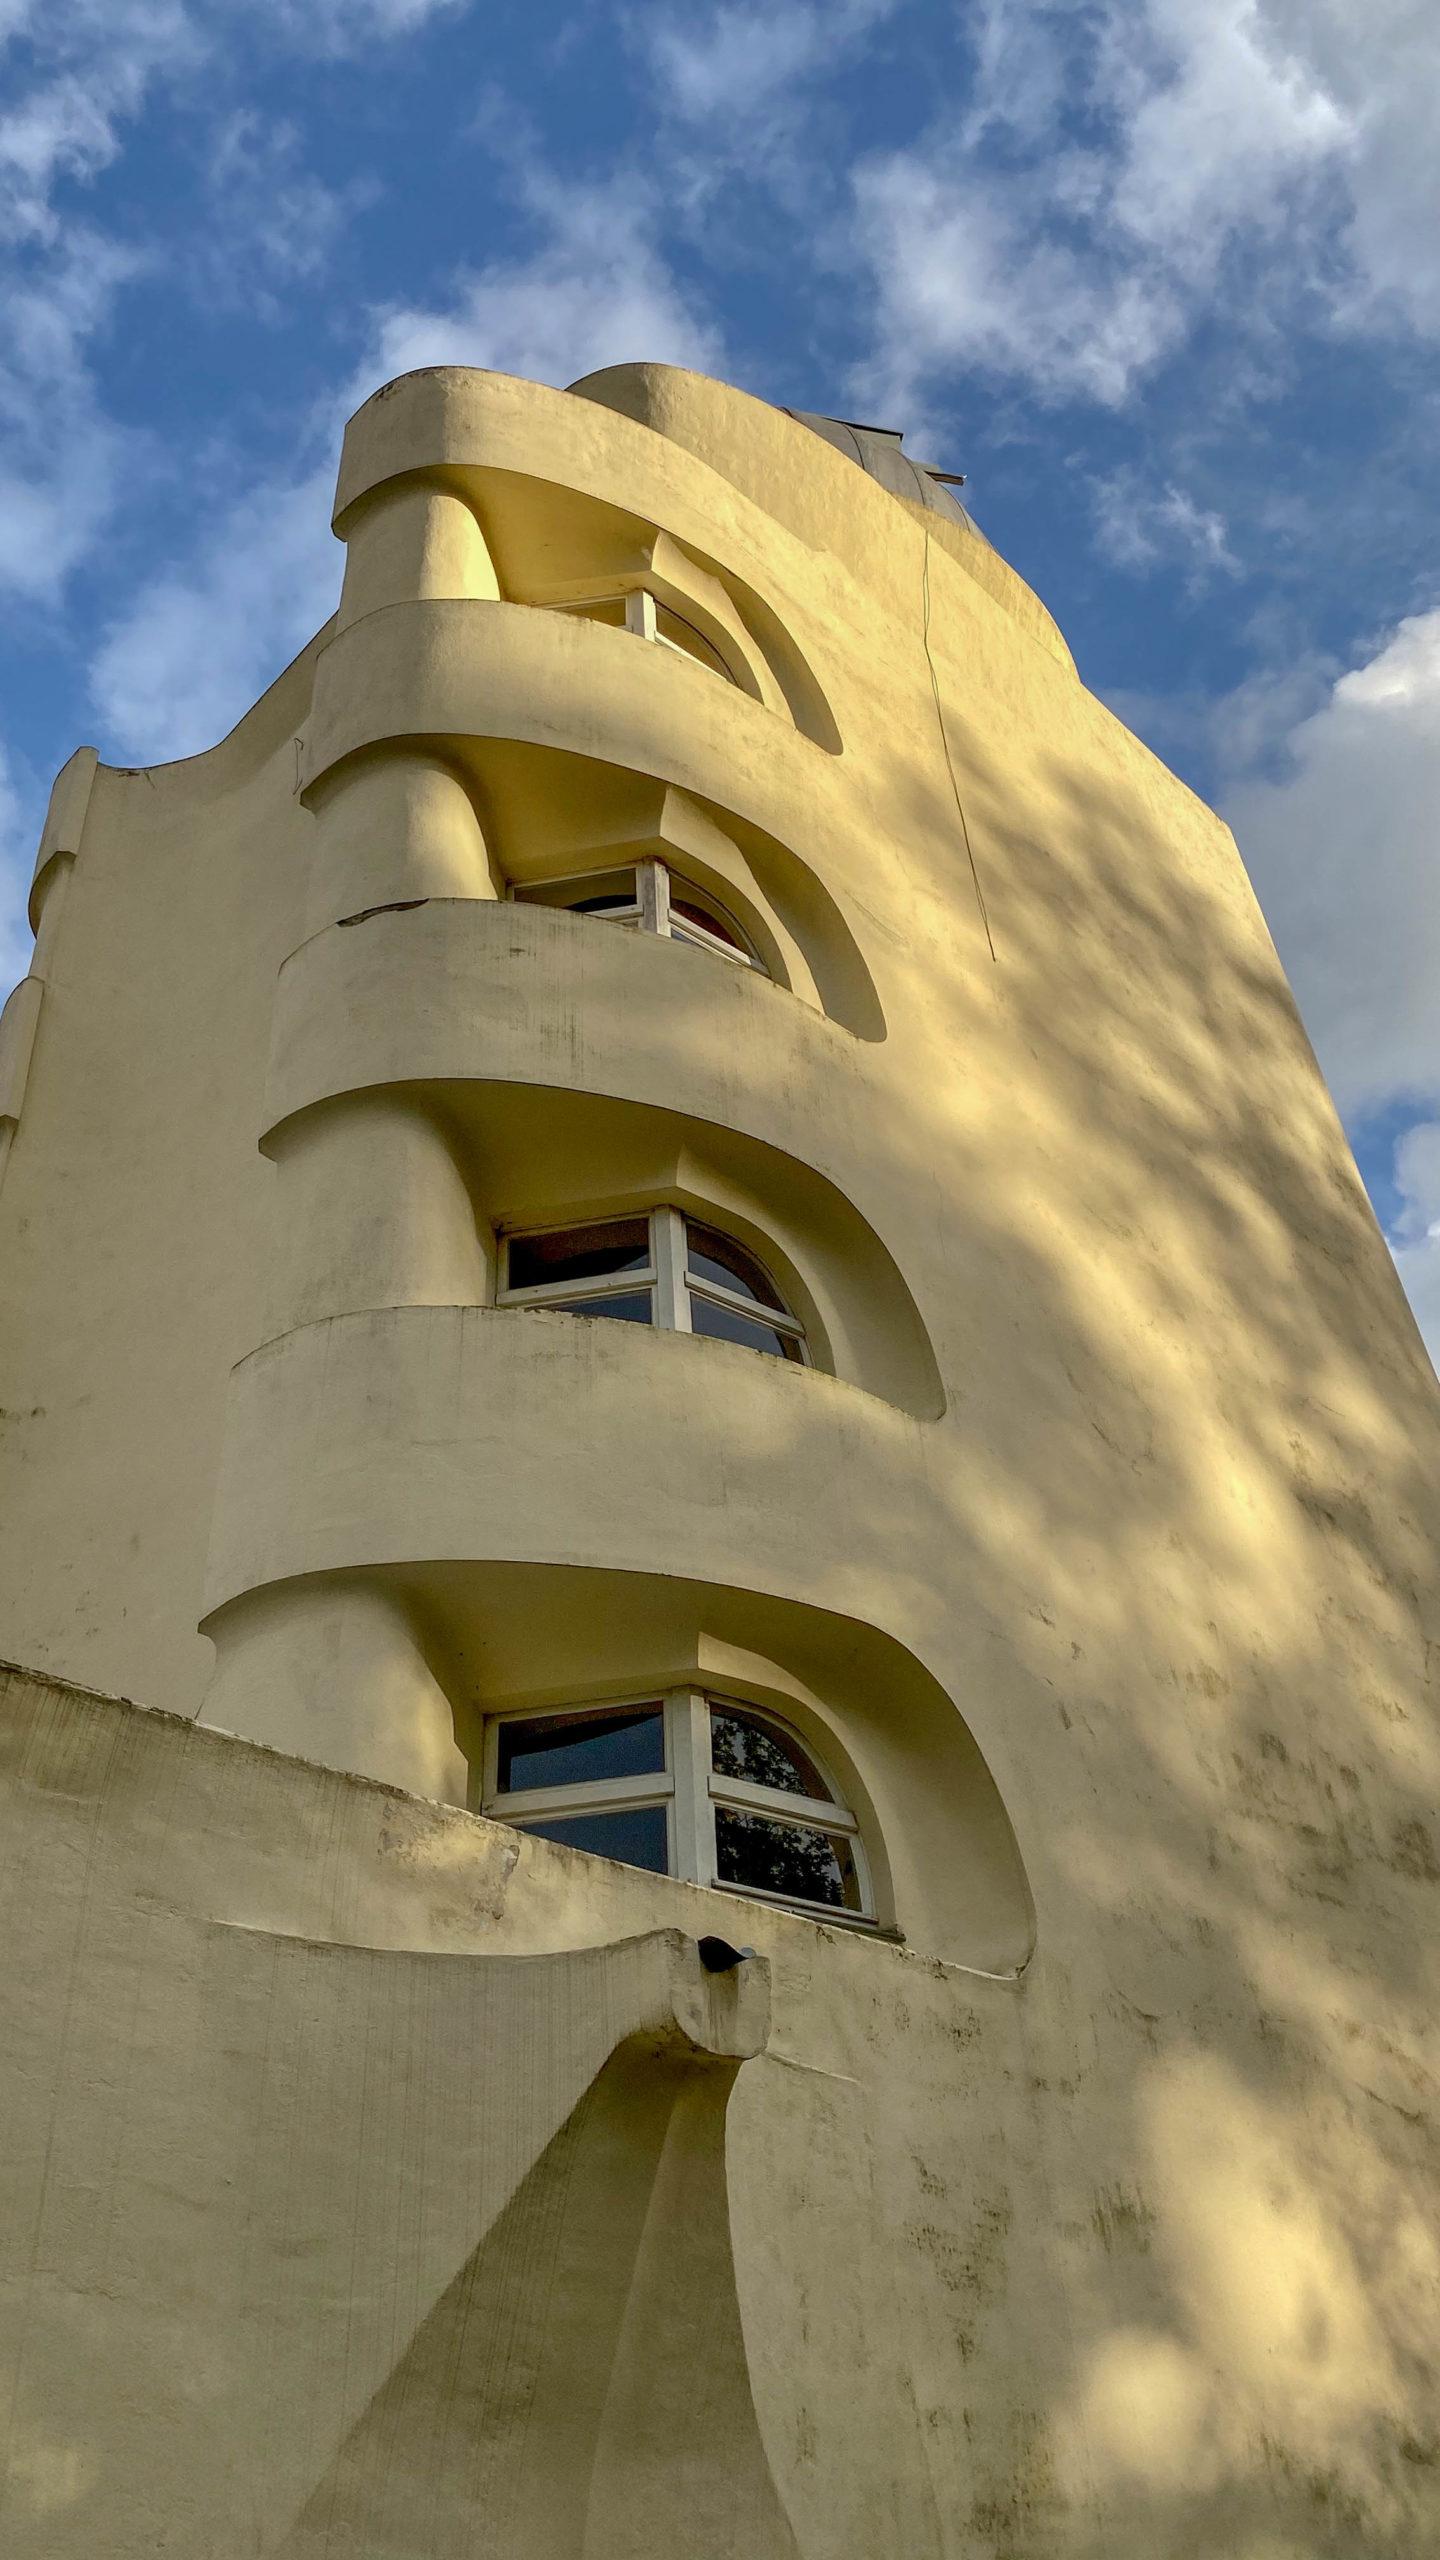 Einsteinturm, 1919-1924. Architekt: Erich Mendelsohn